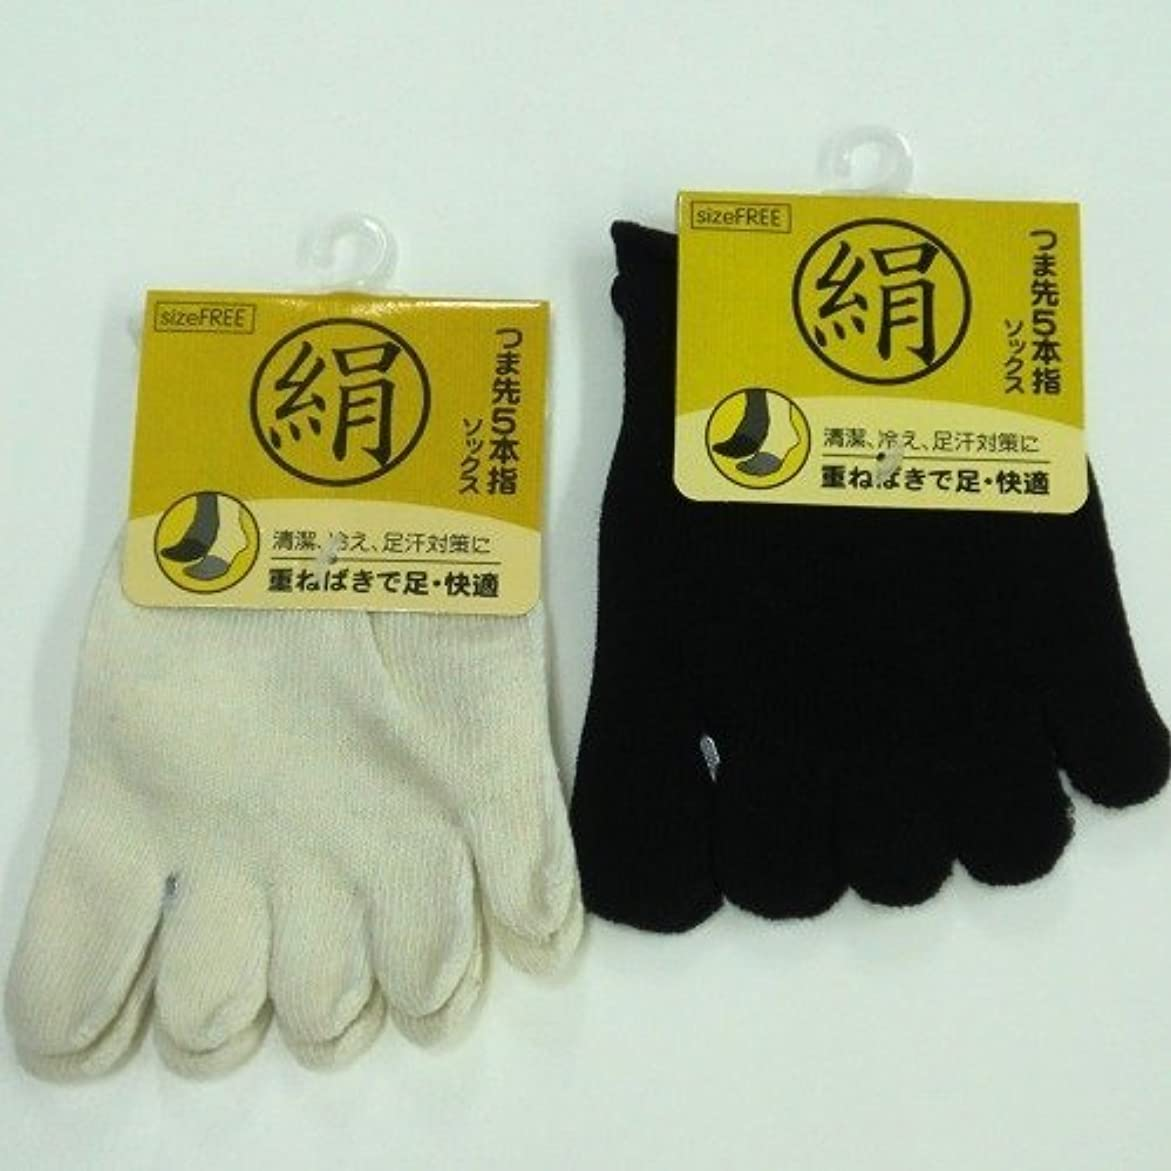 シルク 5本指ハーフソックス 足指カバー 天然素材絹で抗菌防臭 4足組